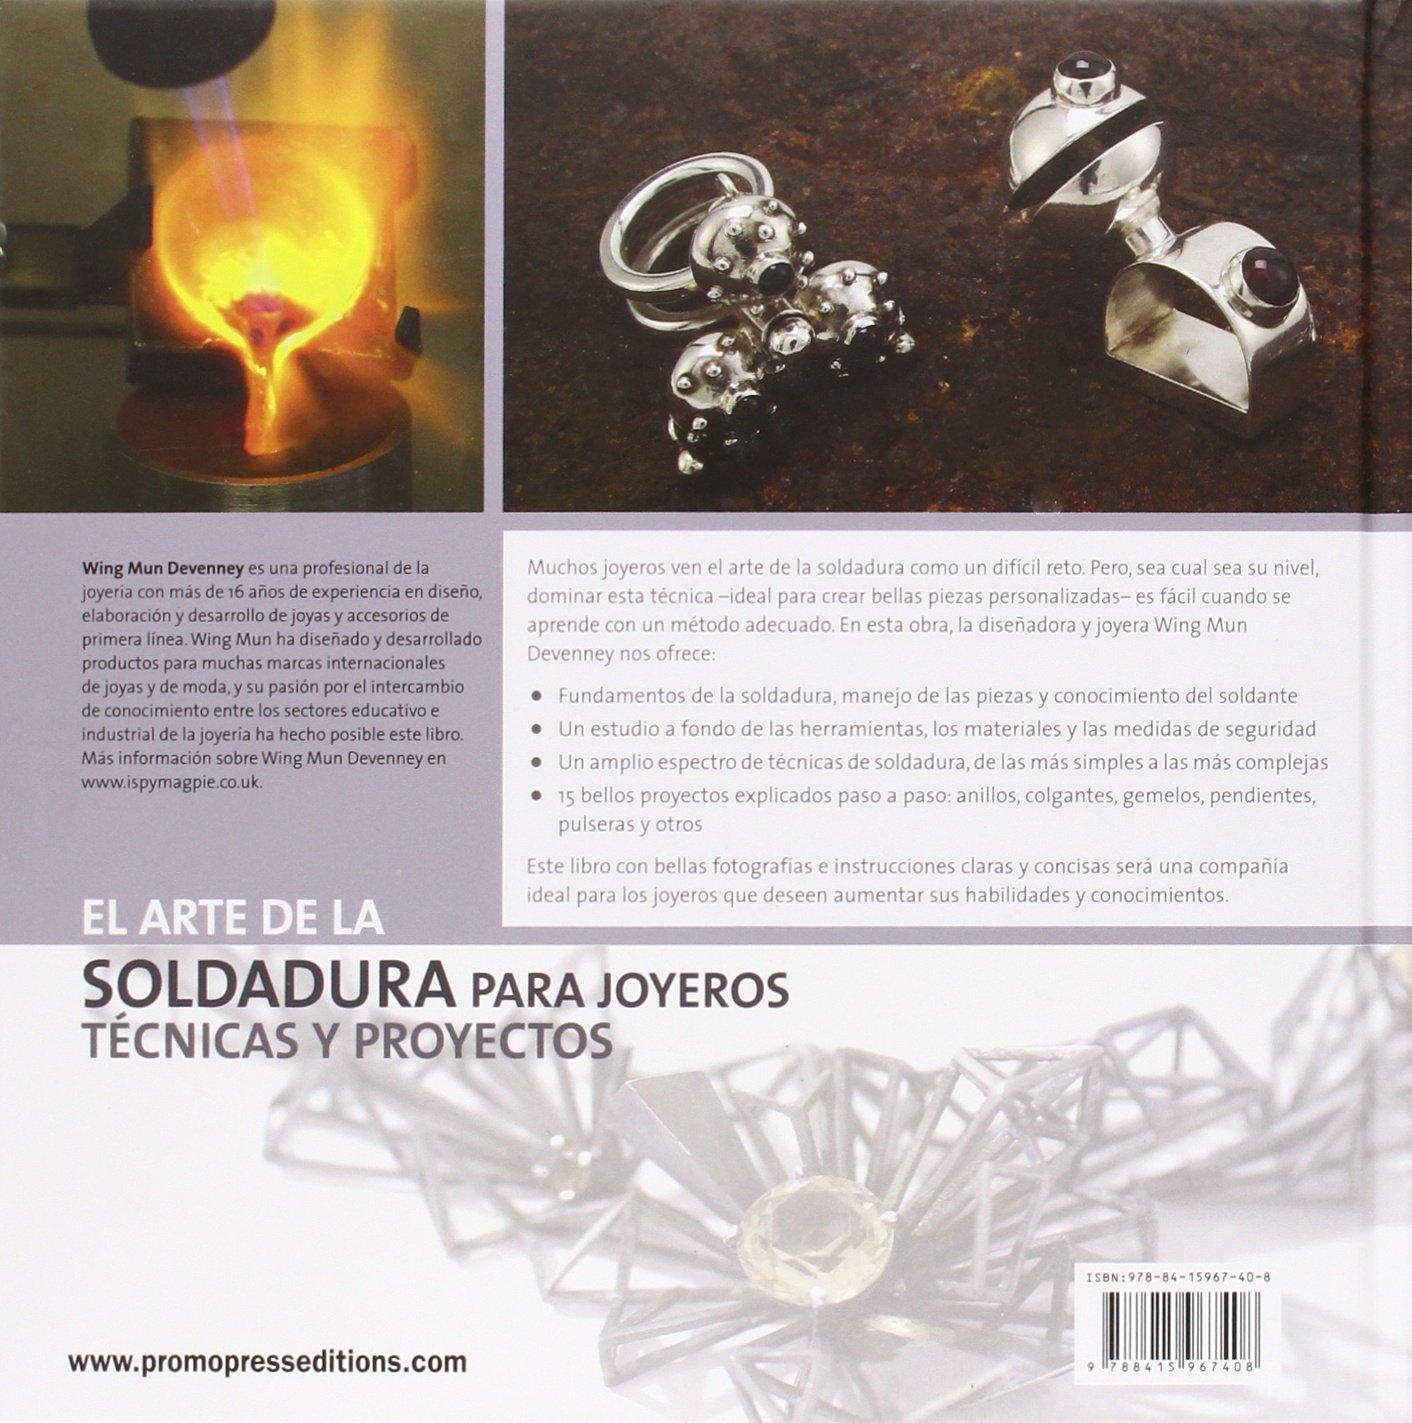 ARTE DE LA SOLDADURA PARA JOYEROS (TECNICAS Y PROYECTOS): Varios: 9788415967408: Amazon.com: Books